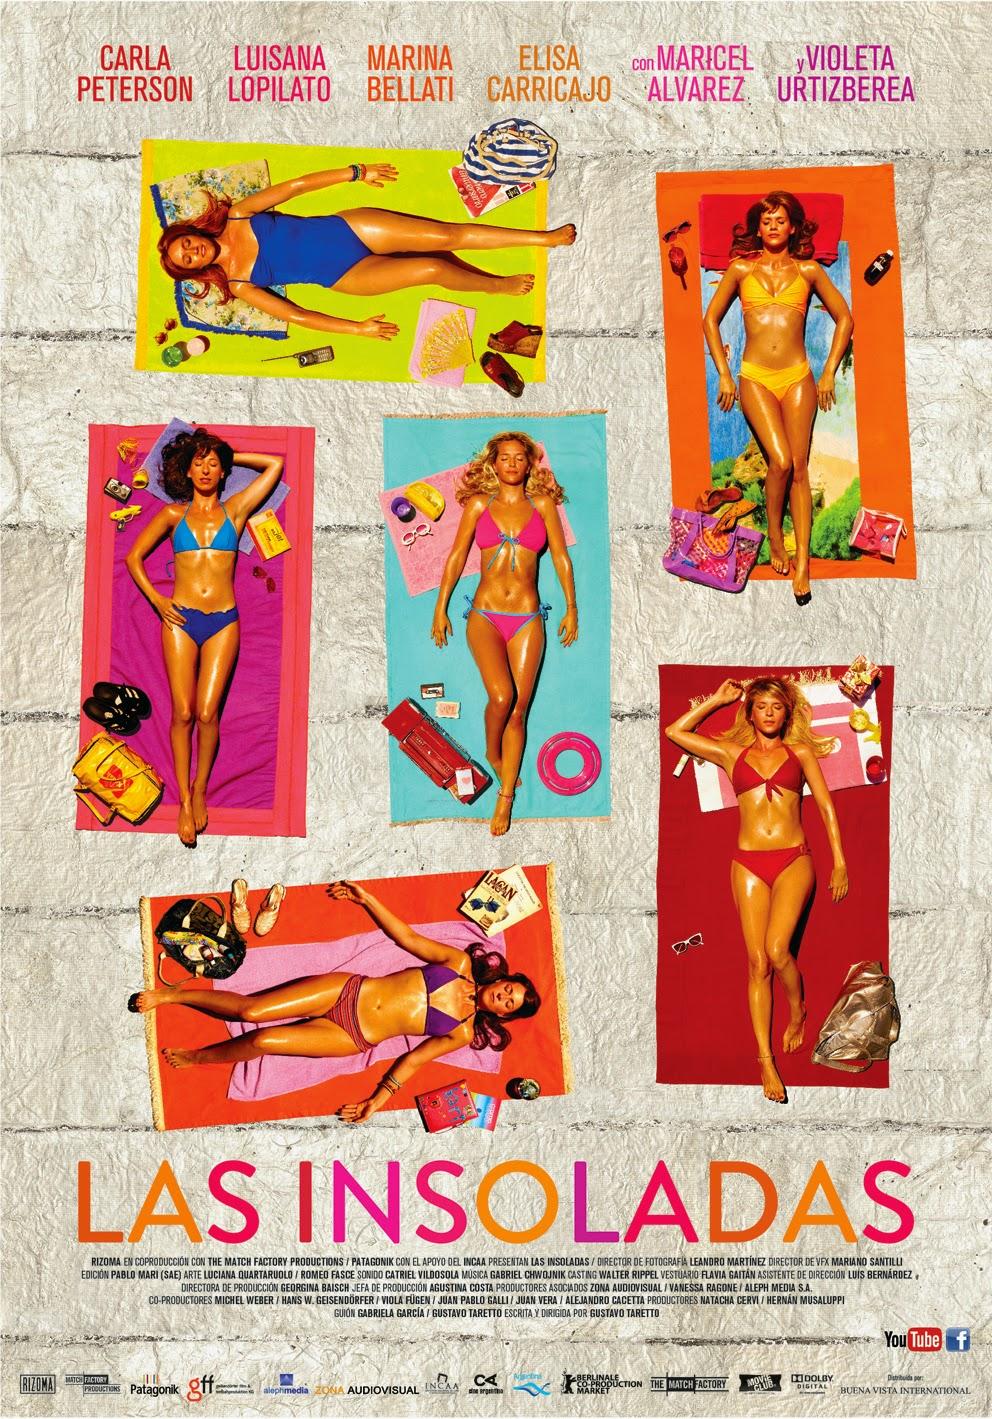 Las insoladas (2014)